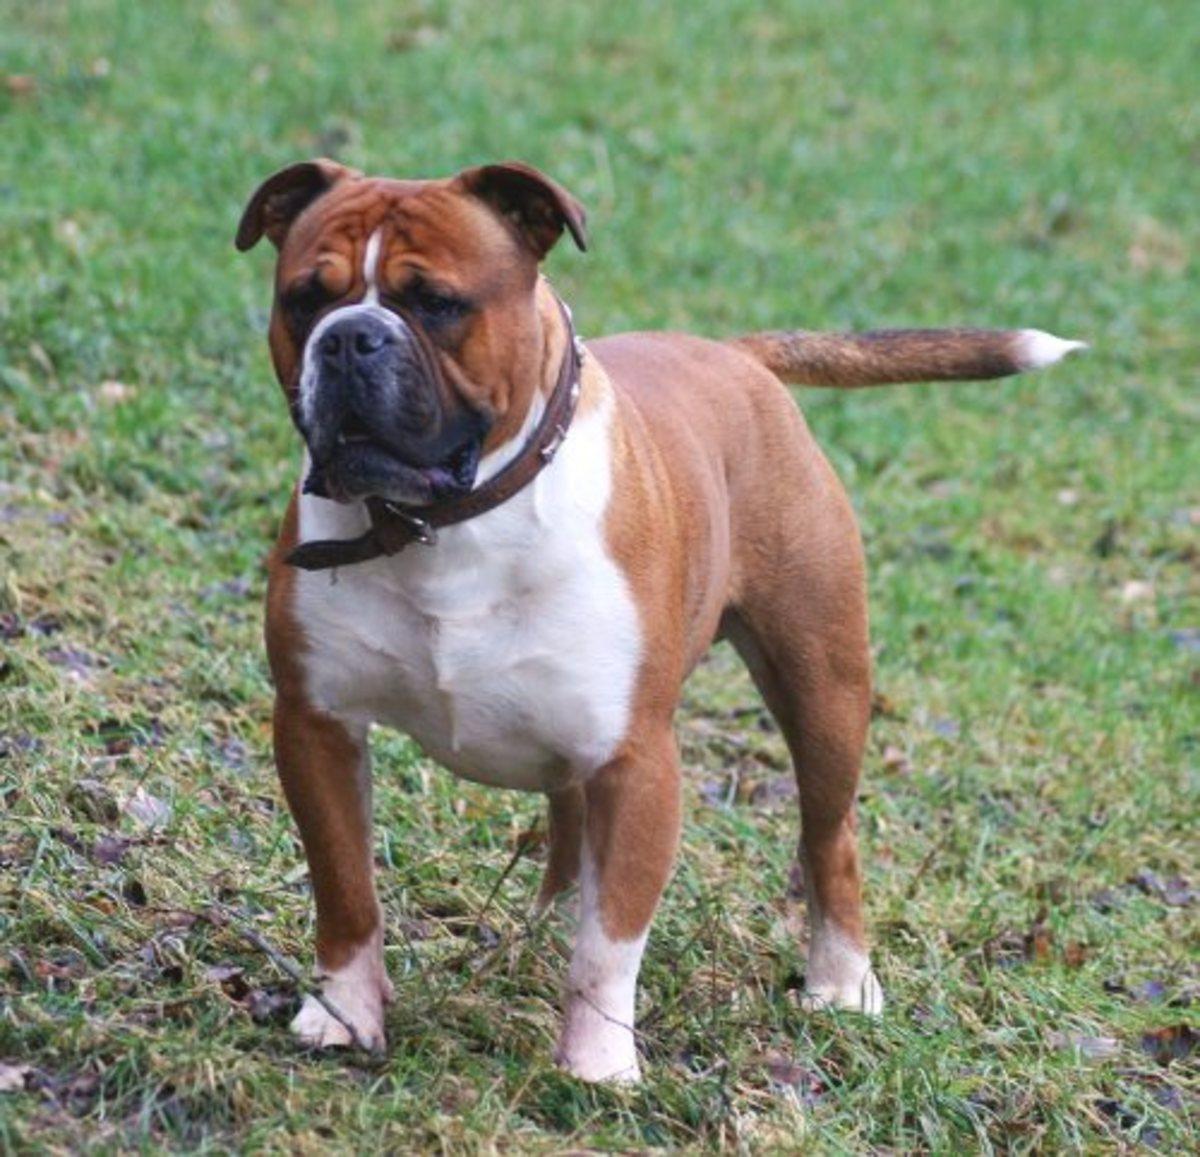 The Olde English Bulldogge